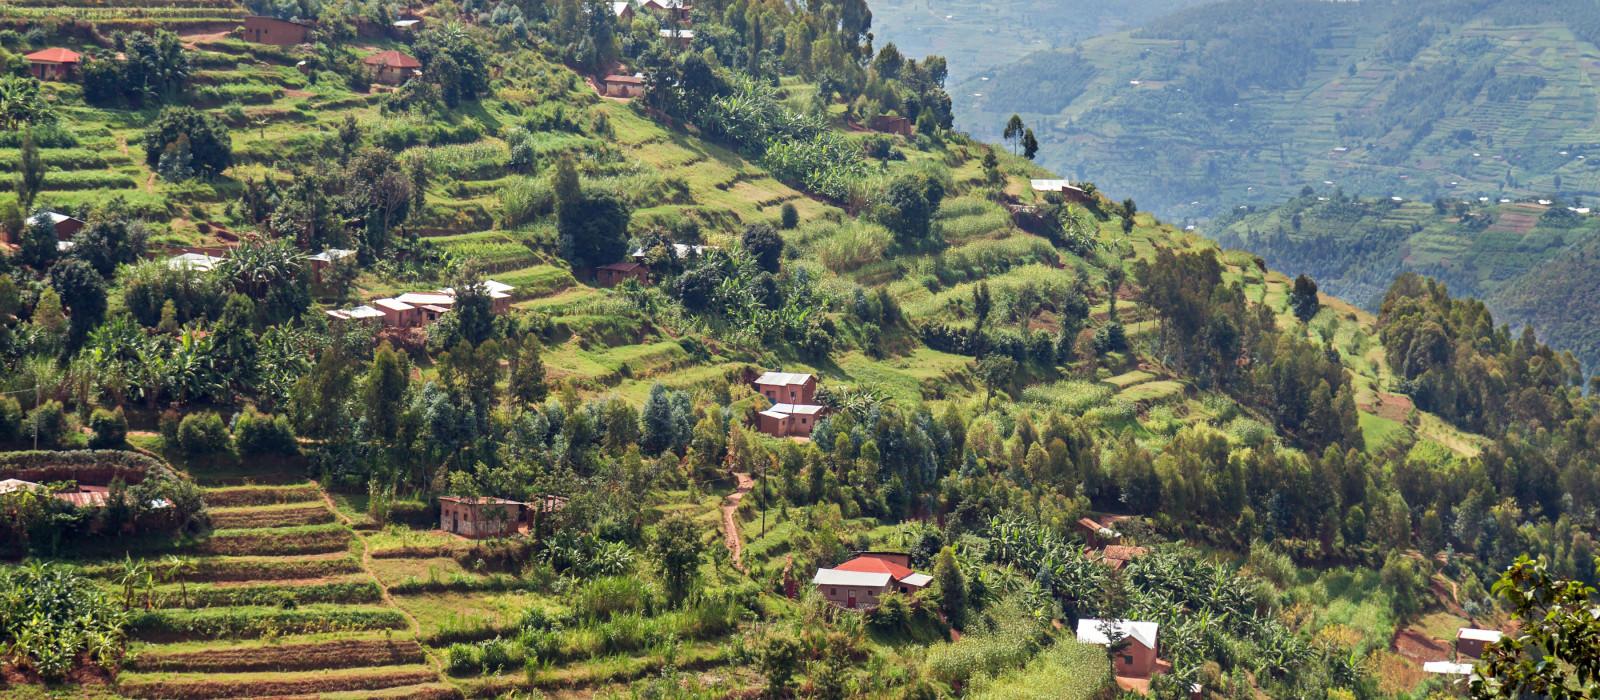 Ein steiler Hügel im Tal des Muvumba-Flusses in Ruanda, Afrika